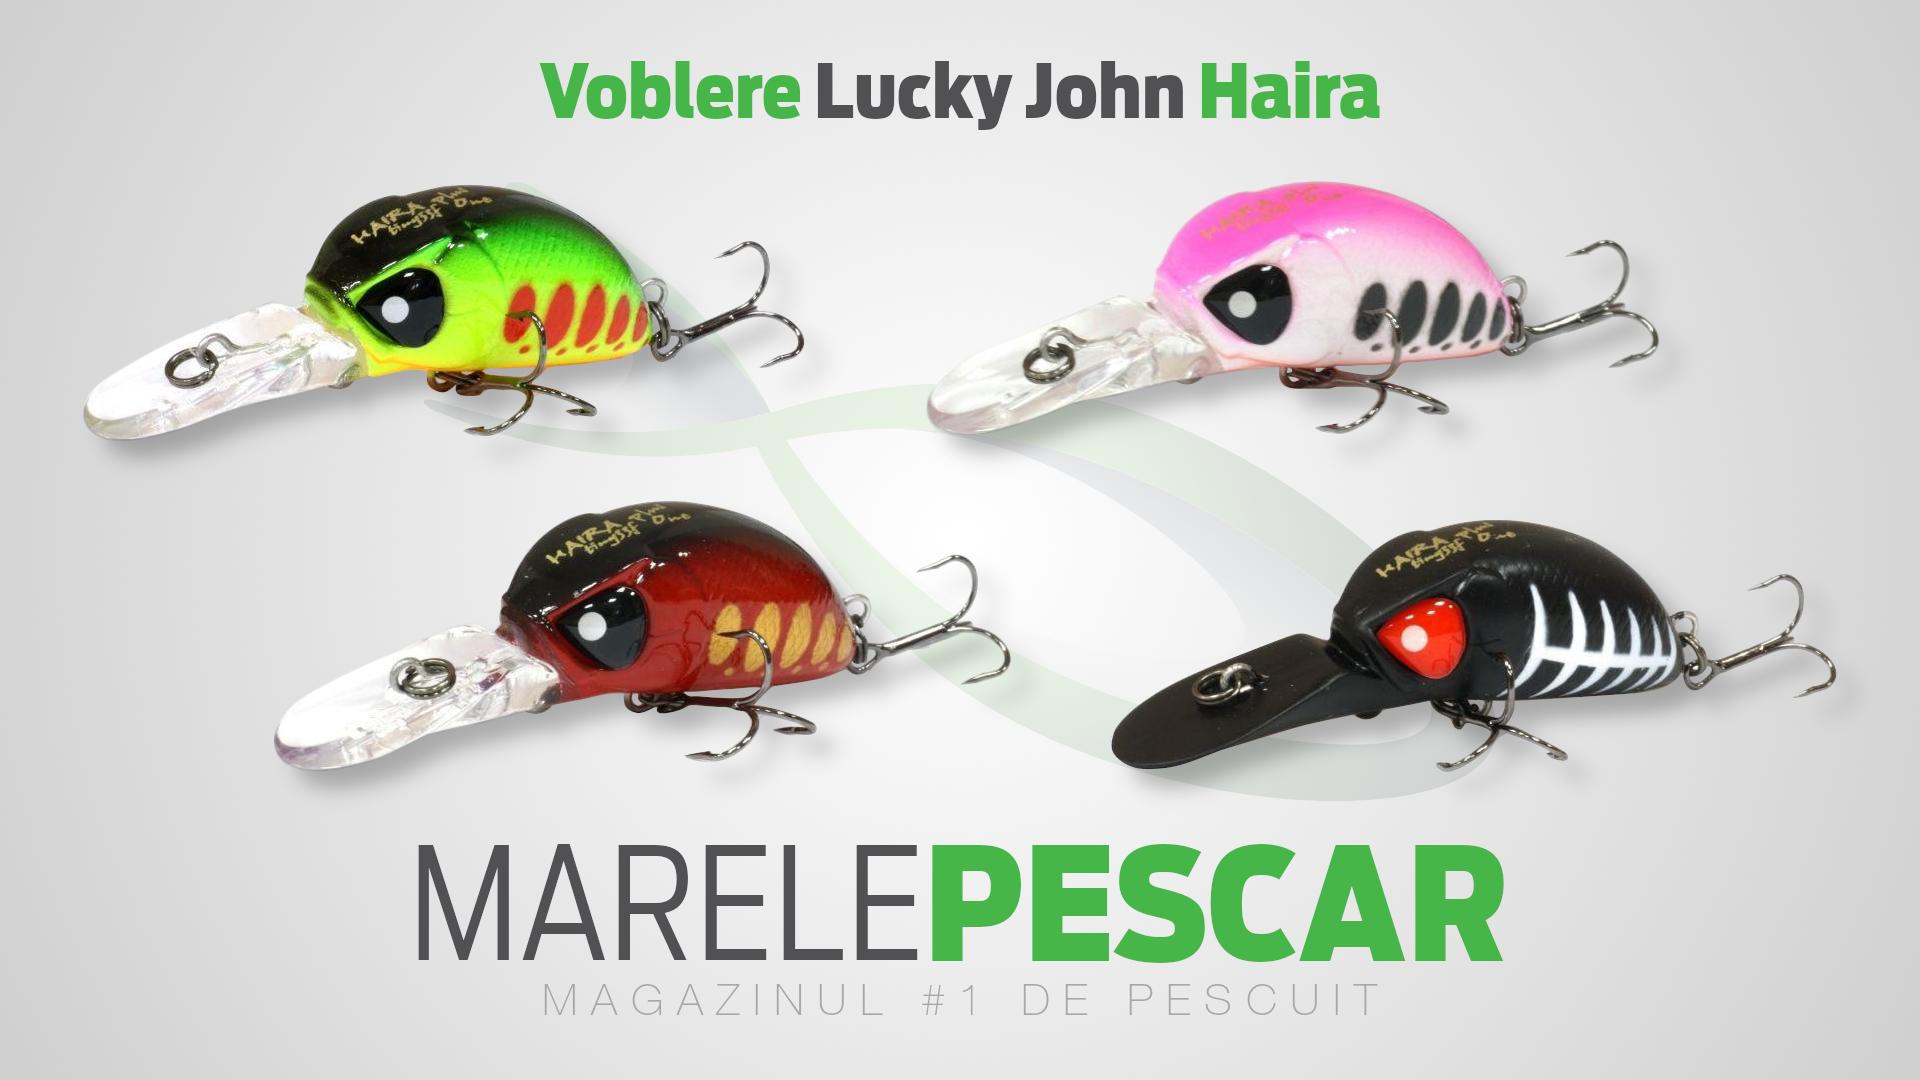 Voblere Lucky John Haira